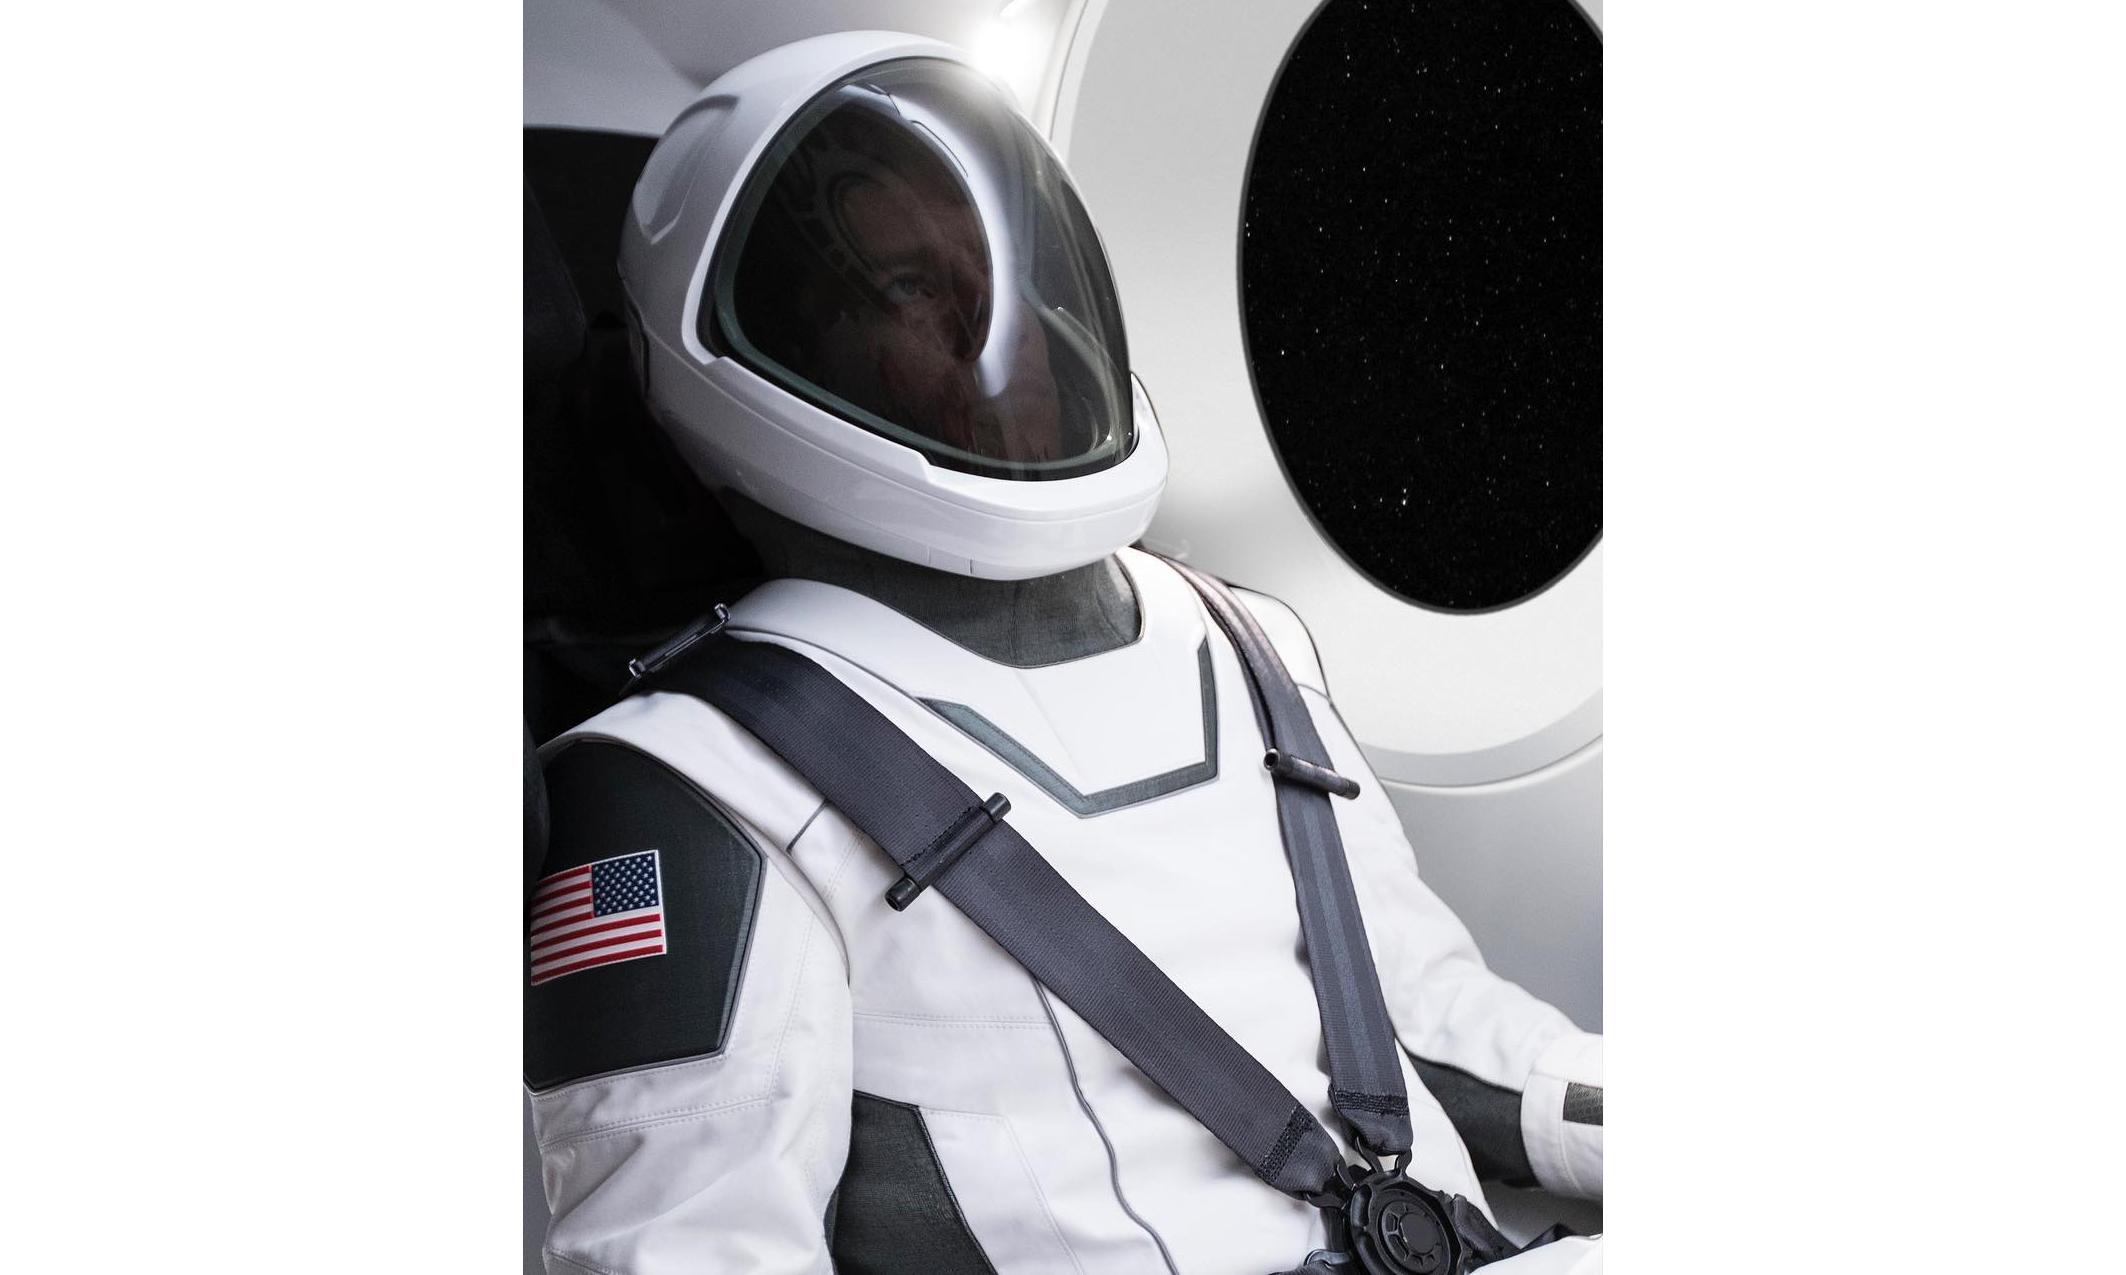 未来太空战士,Elon Musk 展示首款 SpaceX 宇航服